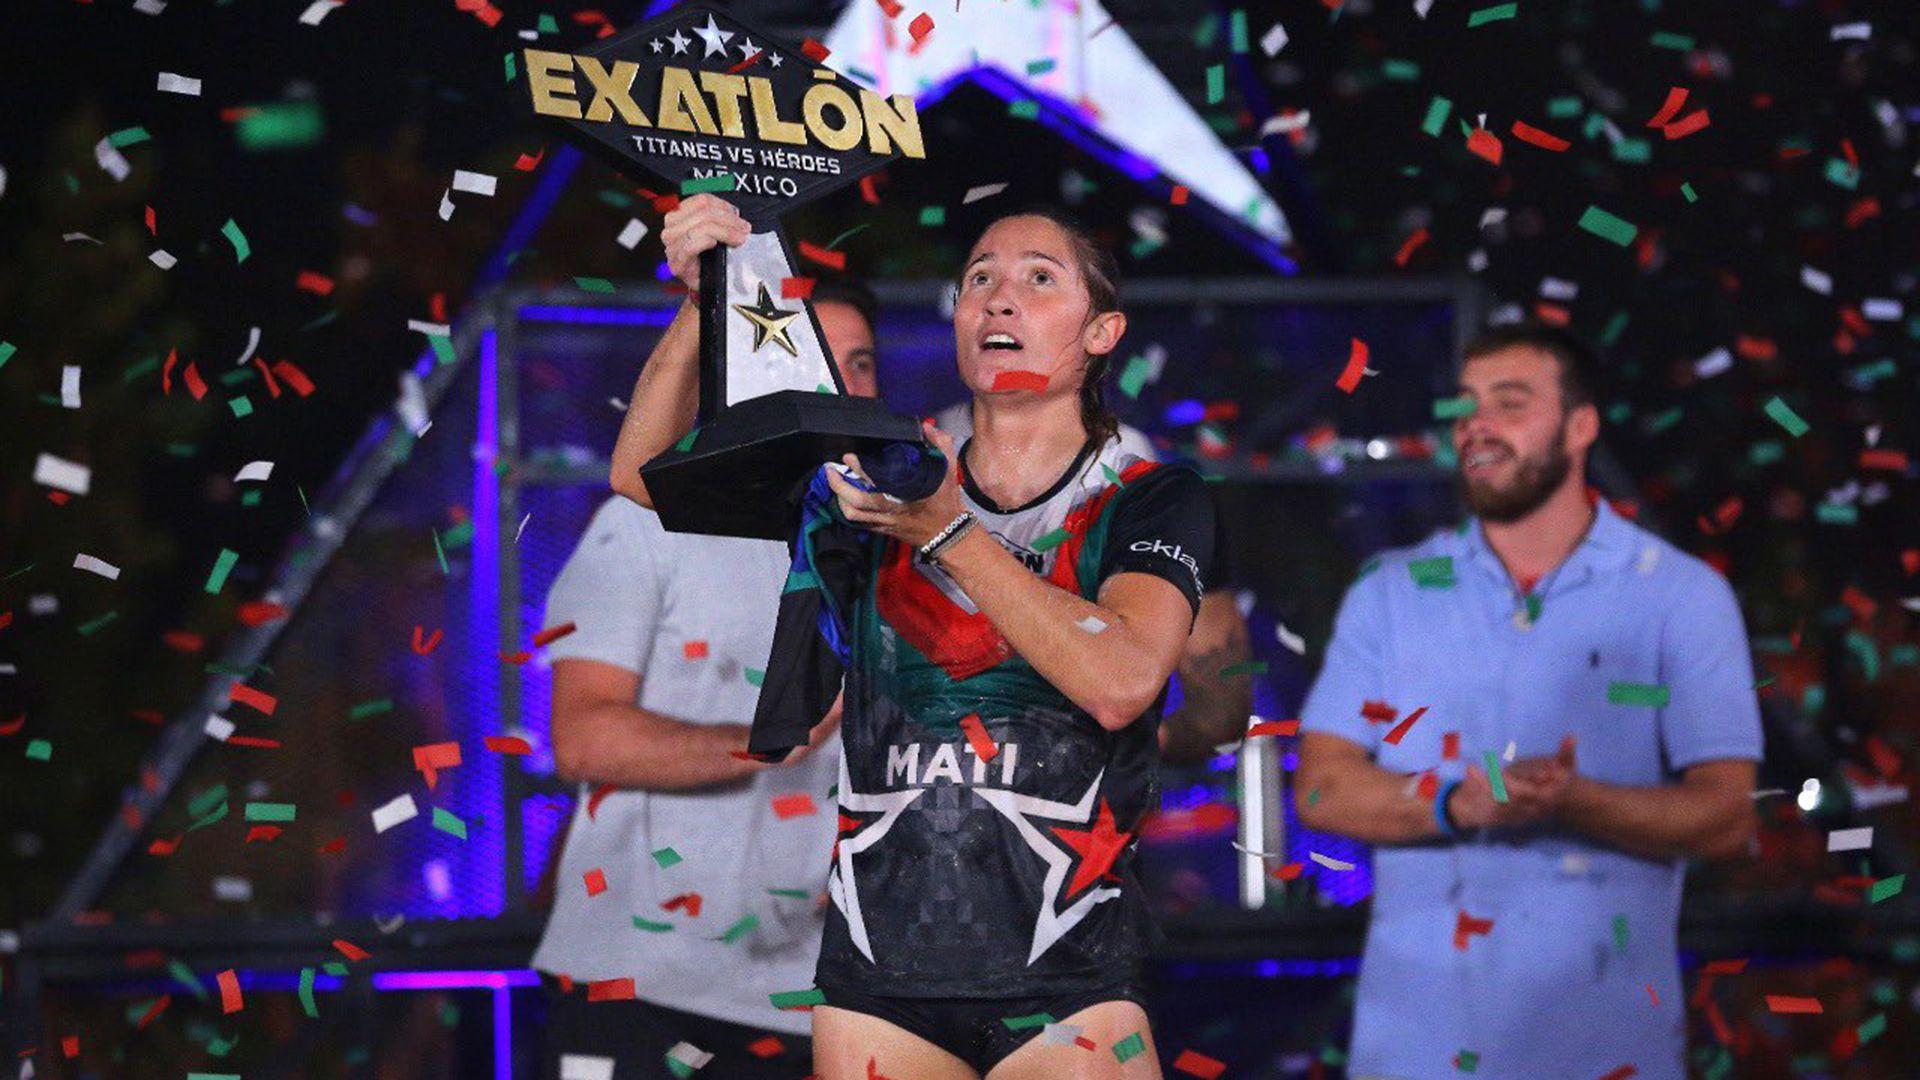 Mati Álvarez - Exatlón México